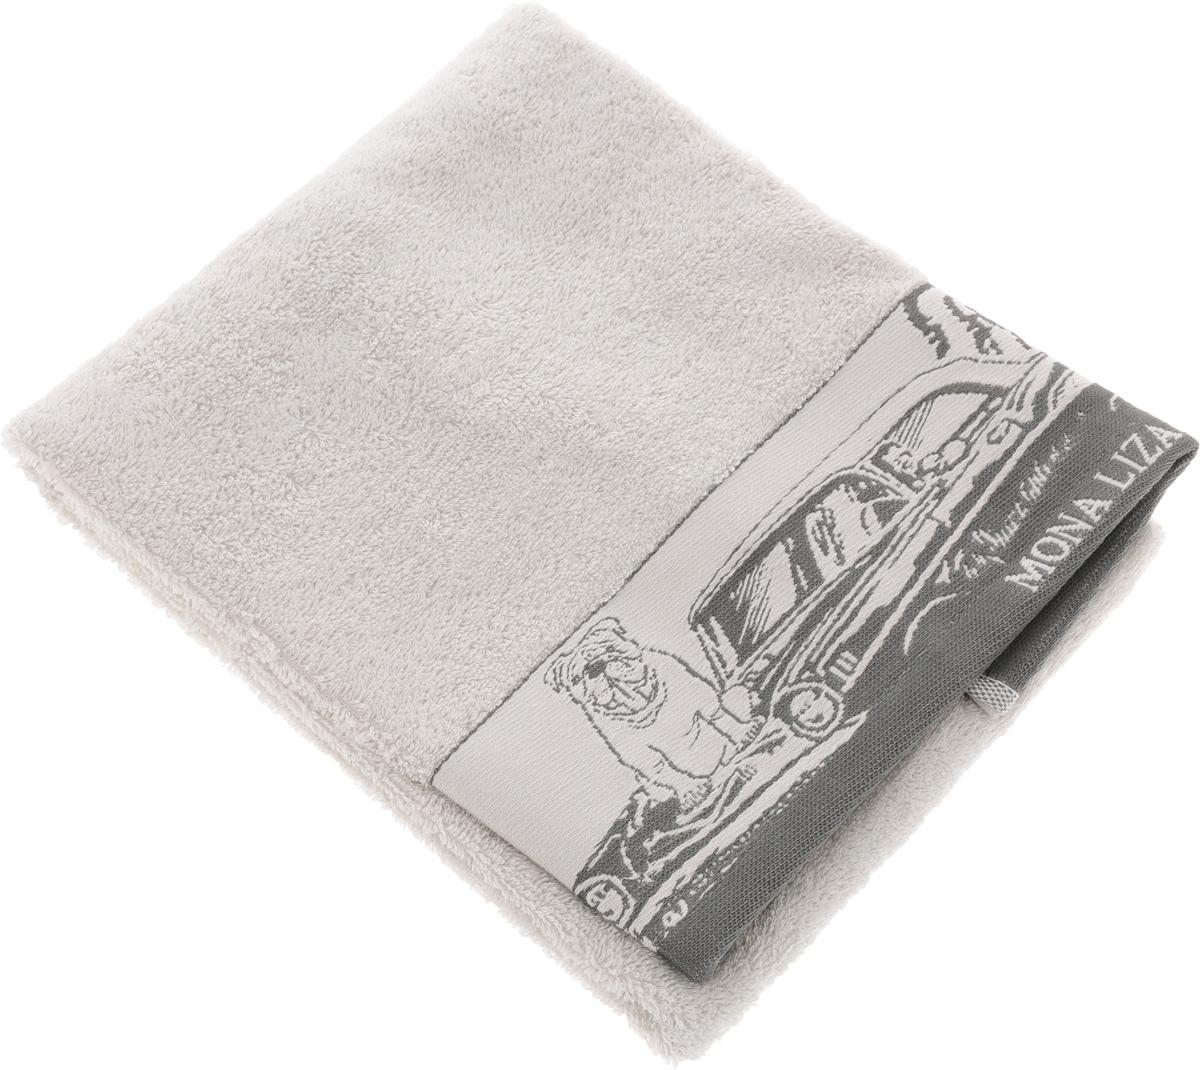 Полотенце Mona Liza Pet, цвет: светло-серый, серый, 50 х 90 смLX-OZ01Мягкое полотенце Pet изготовлено из 30% хлопка и 70% бамбукового волокна. Полотенце Pet с жаккардовым бордюром обладает высокой впитывающей способностью и сочетает в себе элегантную роскошь и практичность. Благодаря высокому качеству изготовления, полотенце будет радовать вас многие годы. Мотивы коллекции Mona Liza Premium bu Serg Look навеяны итальянскими фресками эпохи Ренессанса, периода удивительной гармонии в искусстве. В представленной коллекции для нанесения на ткань рисунка применяется многоцветная печать, метод реактивного крашения, который позволяет создать уникальную цветовую гамму, напоминающую старинные фрески. Этот метод также обеспечивает высокую устойчивость краски при стирке.